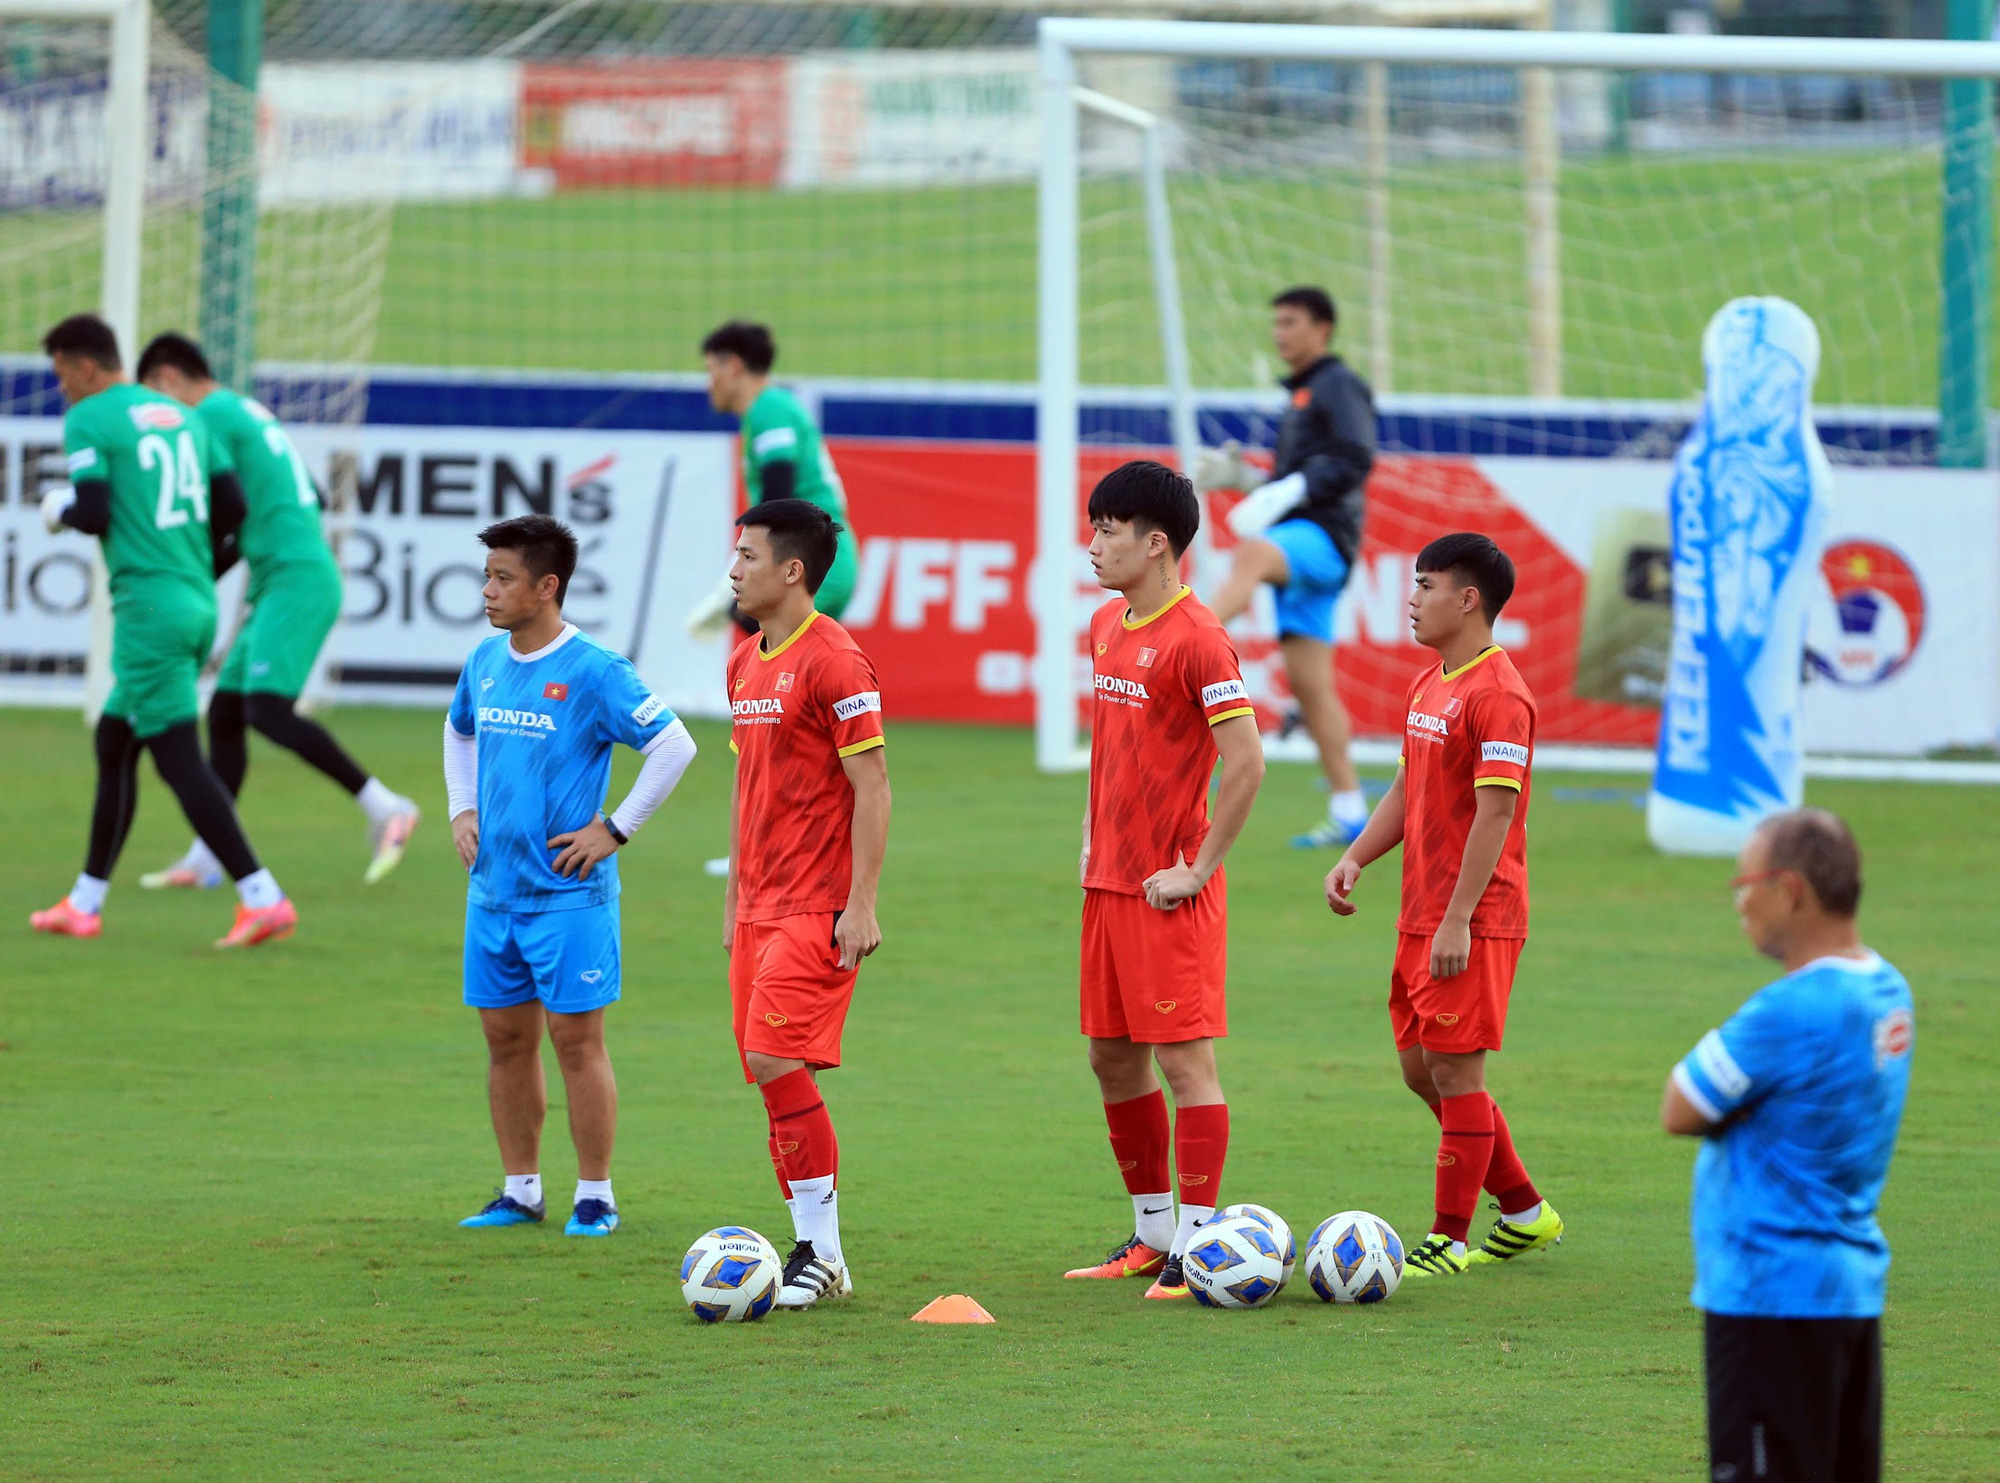 Tuấn Anh và đồng đội hào hứng khi trở thành thủ môn bất đắc dĩ cho tuyển Việt Nam - ảnh 21